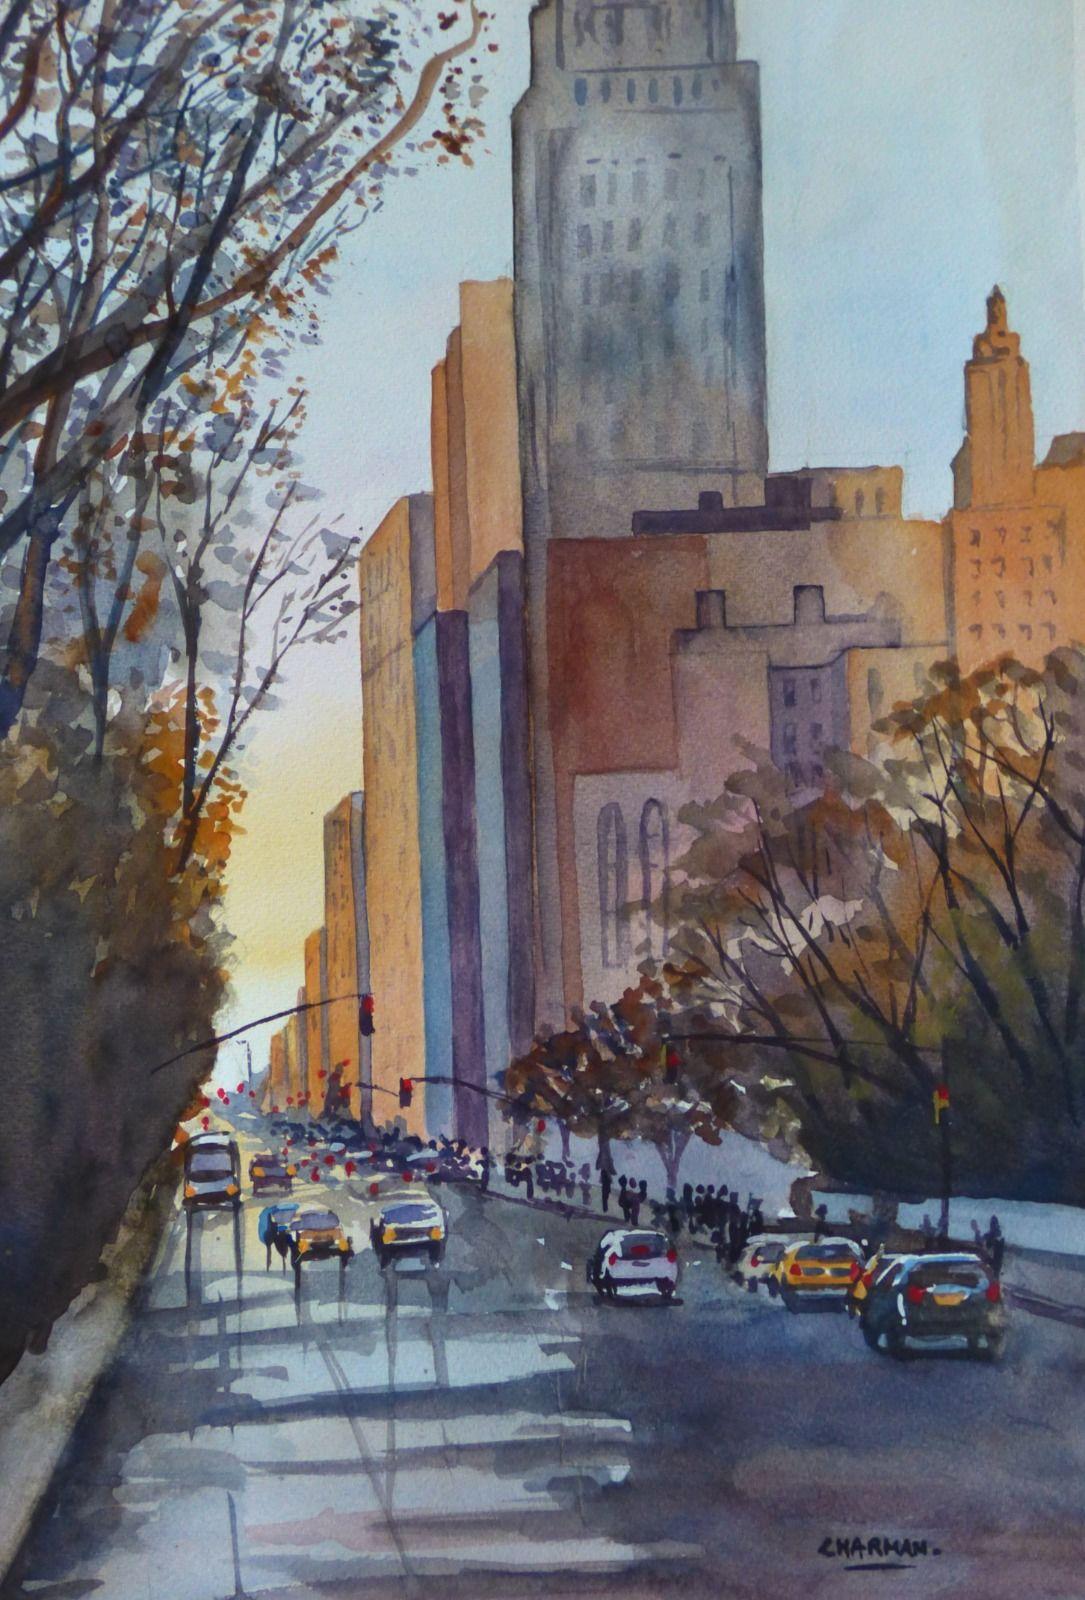 An Avenue in NY